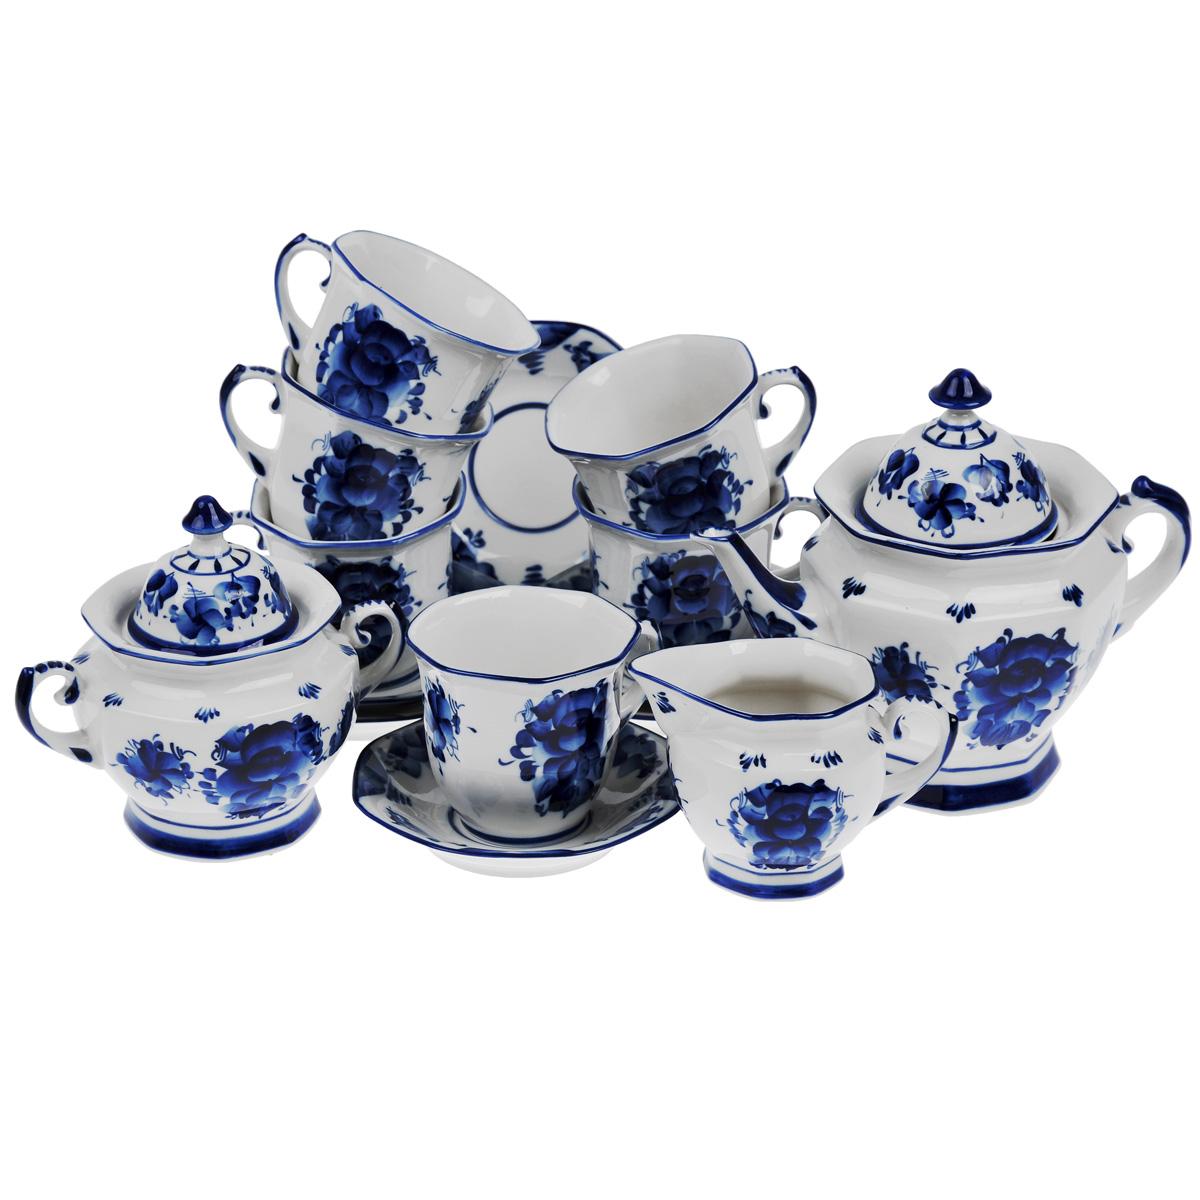 Сервиз чайный Граненый, цвет: белый, синий, 15 предметов993004412Сервиз чайный Граненый выполнен из керамики и состоит из шести чашек, шести блюдец, чайника, молочника и сахарницы. Предметы набора оформлены росписью в технике гжель. Изящный дизайн придется по вкусу и ценителям классики, и тем, кто предпочитает утонченность и изысканность. Он настроит на позитивный лад и подарит хорошее настроение с самого утра. Оригинальный дизайн сервиза позволит украсить любую кухню, внеся разнообразие как в строгий классический стиль, так и в современный кухонный интерьер. Количество чашек: 6 шт. Диаметр чашек по верхнему краю: 10 см. Высота чашек: 9 см. Объем чашек: 300 мл. Количество блюдец: 6 шт. Диаметр блюдец: 14,5 см. Высота блюдец: 3 см. Высота сахарницы (с учетом крышки): 17,5 см. Диаметр сахарницы по верхнему краю: 11 см. Высота чайника (с учетом крышки): 21 см. Диаметр чайника по верхнему краю: 12,5 см. Объем чайника: 900 мл. Высота молочника (с учетом...